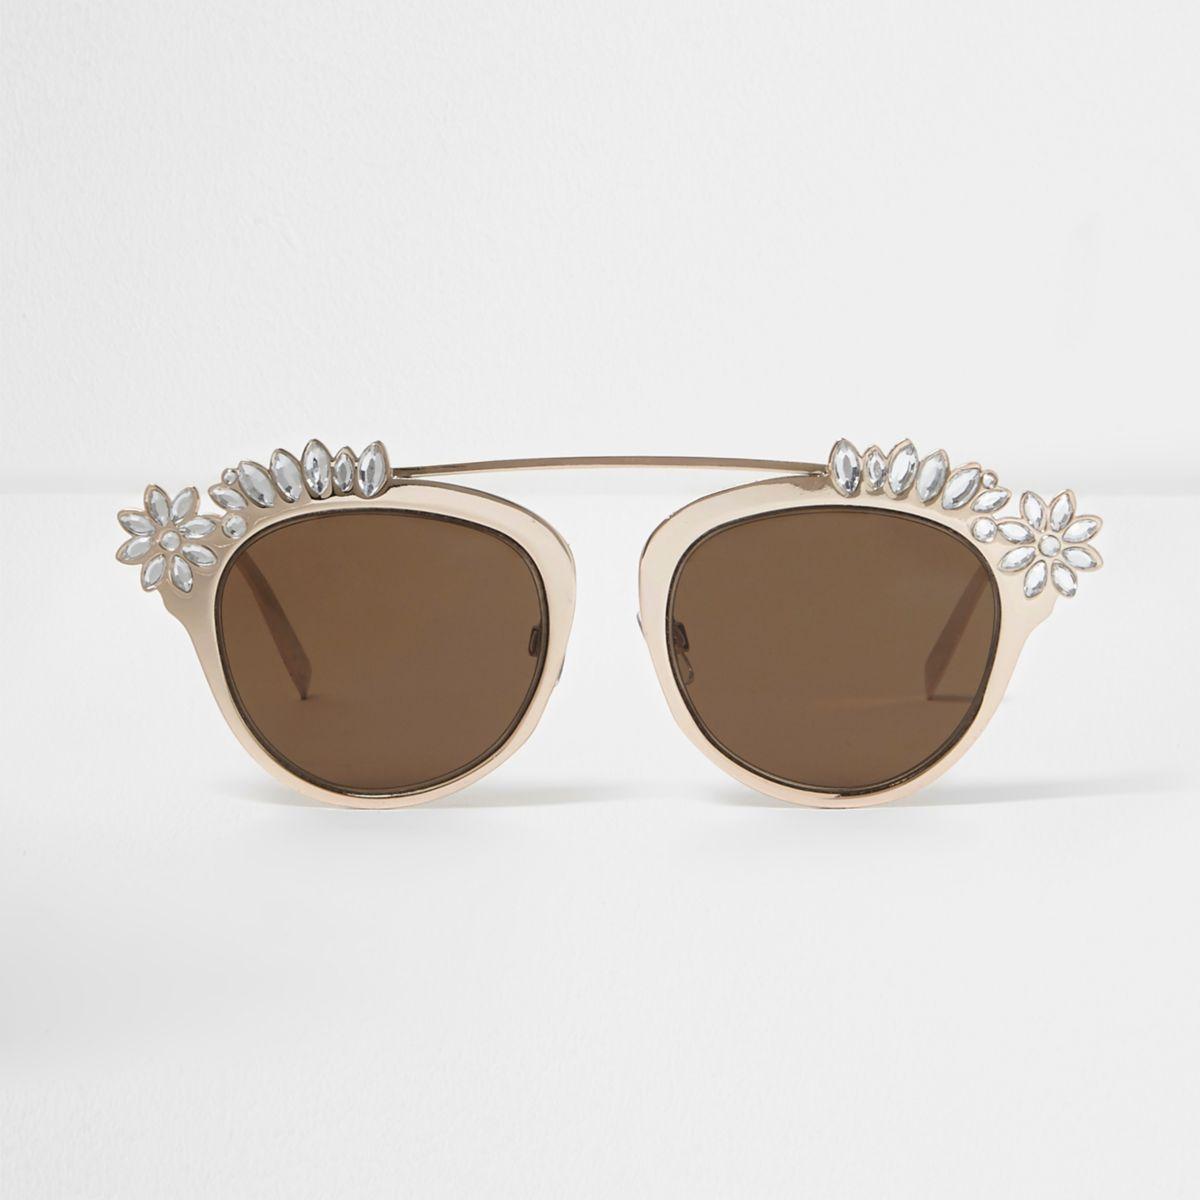 Goudkleurige verfraaide zonnebril met brug